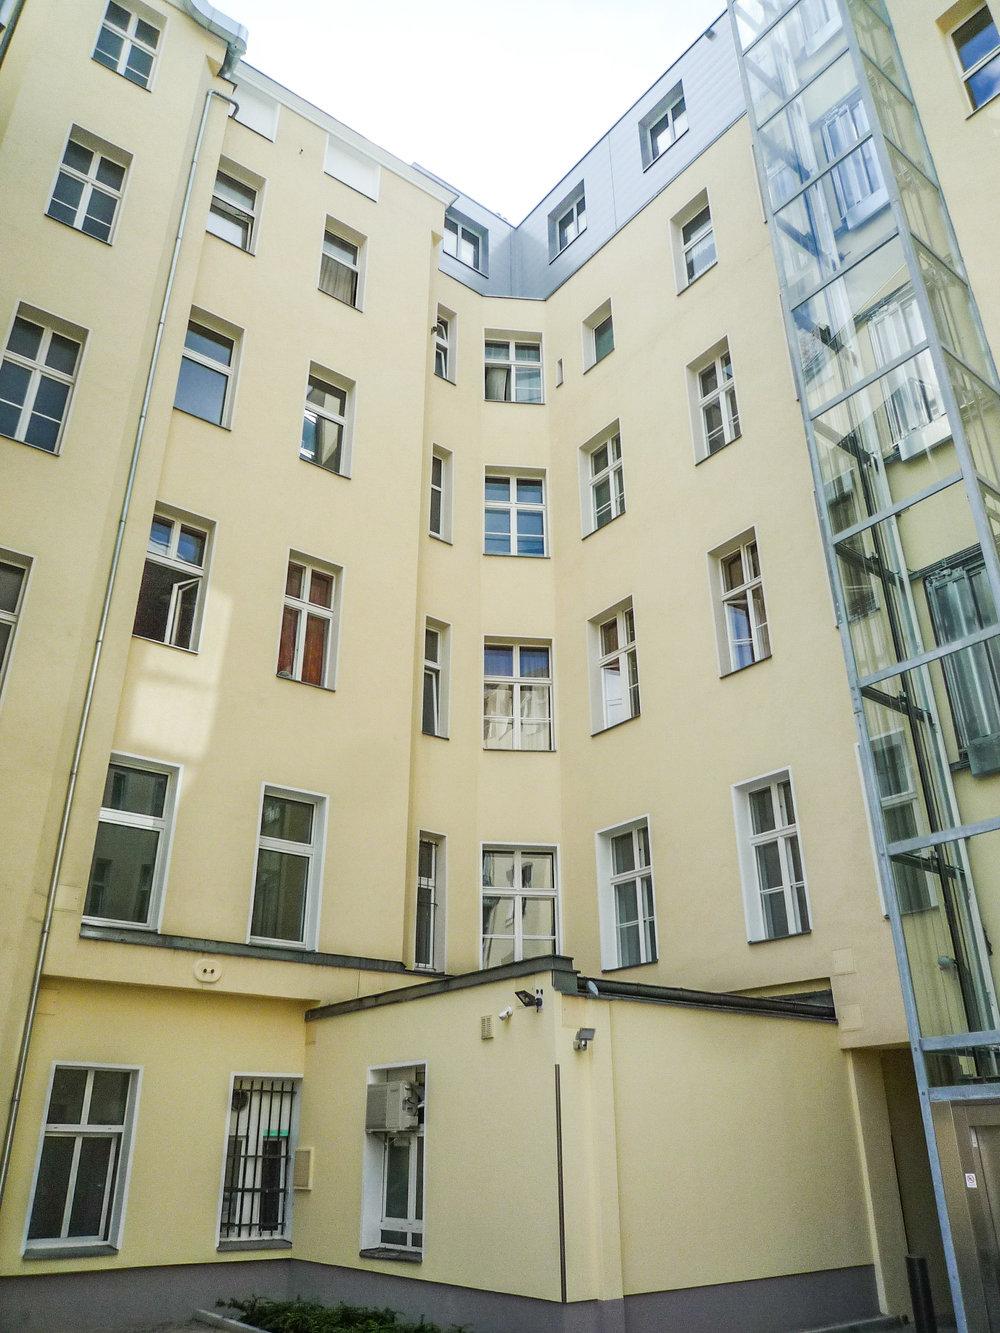 09-Wittenbergplatz_5-6-LIGNE Architekten.jpg